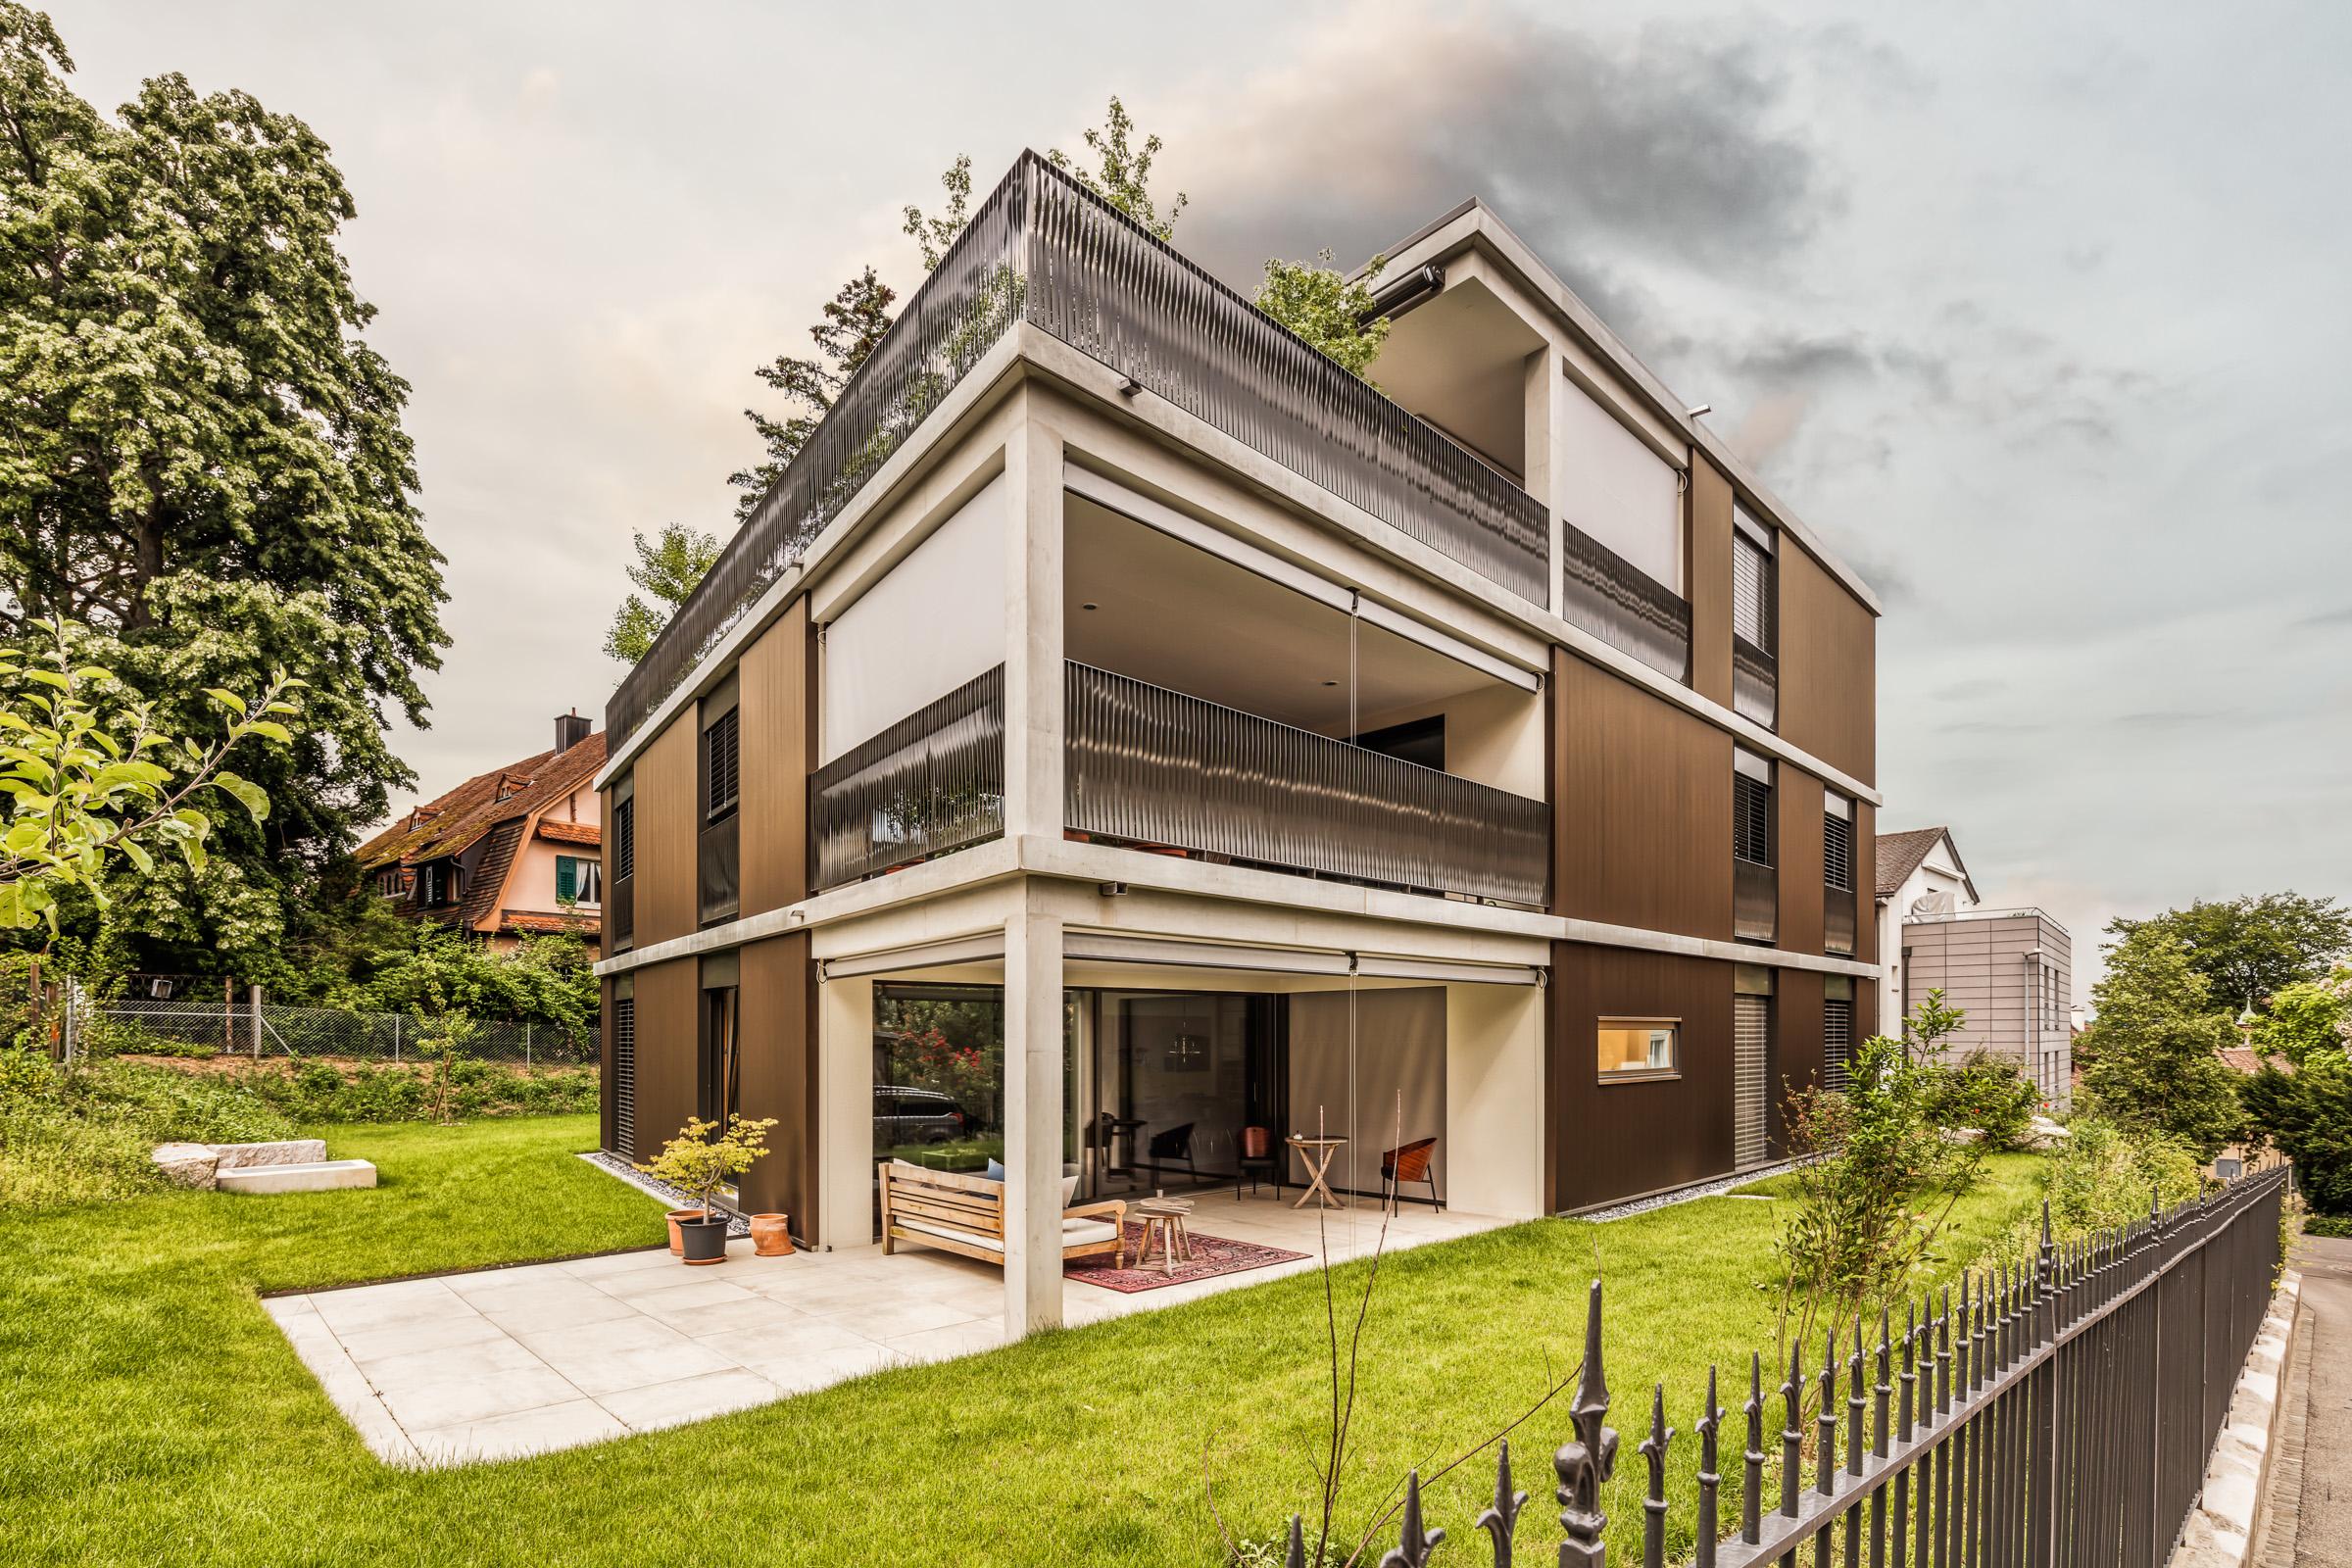 19-101.1 - Meyer Stegemann Architketen - MFH Zimmerweg Schaffhausen--2.jpg